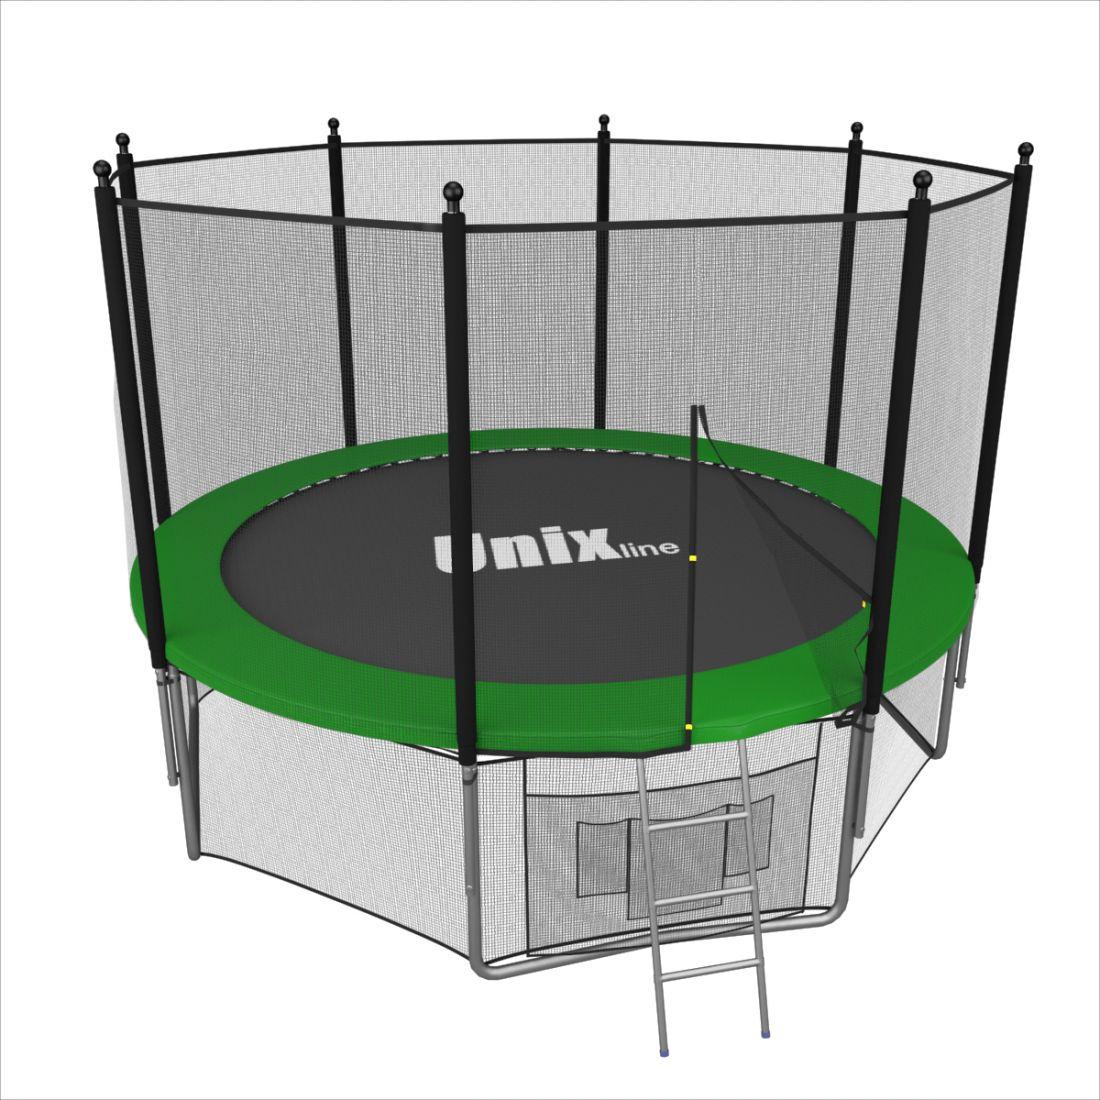 Батут UNIX line 6 ft outside (Green)